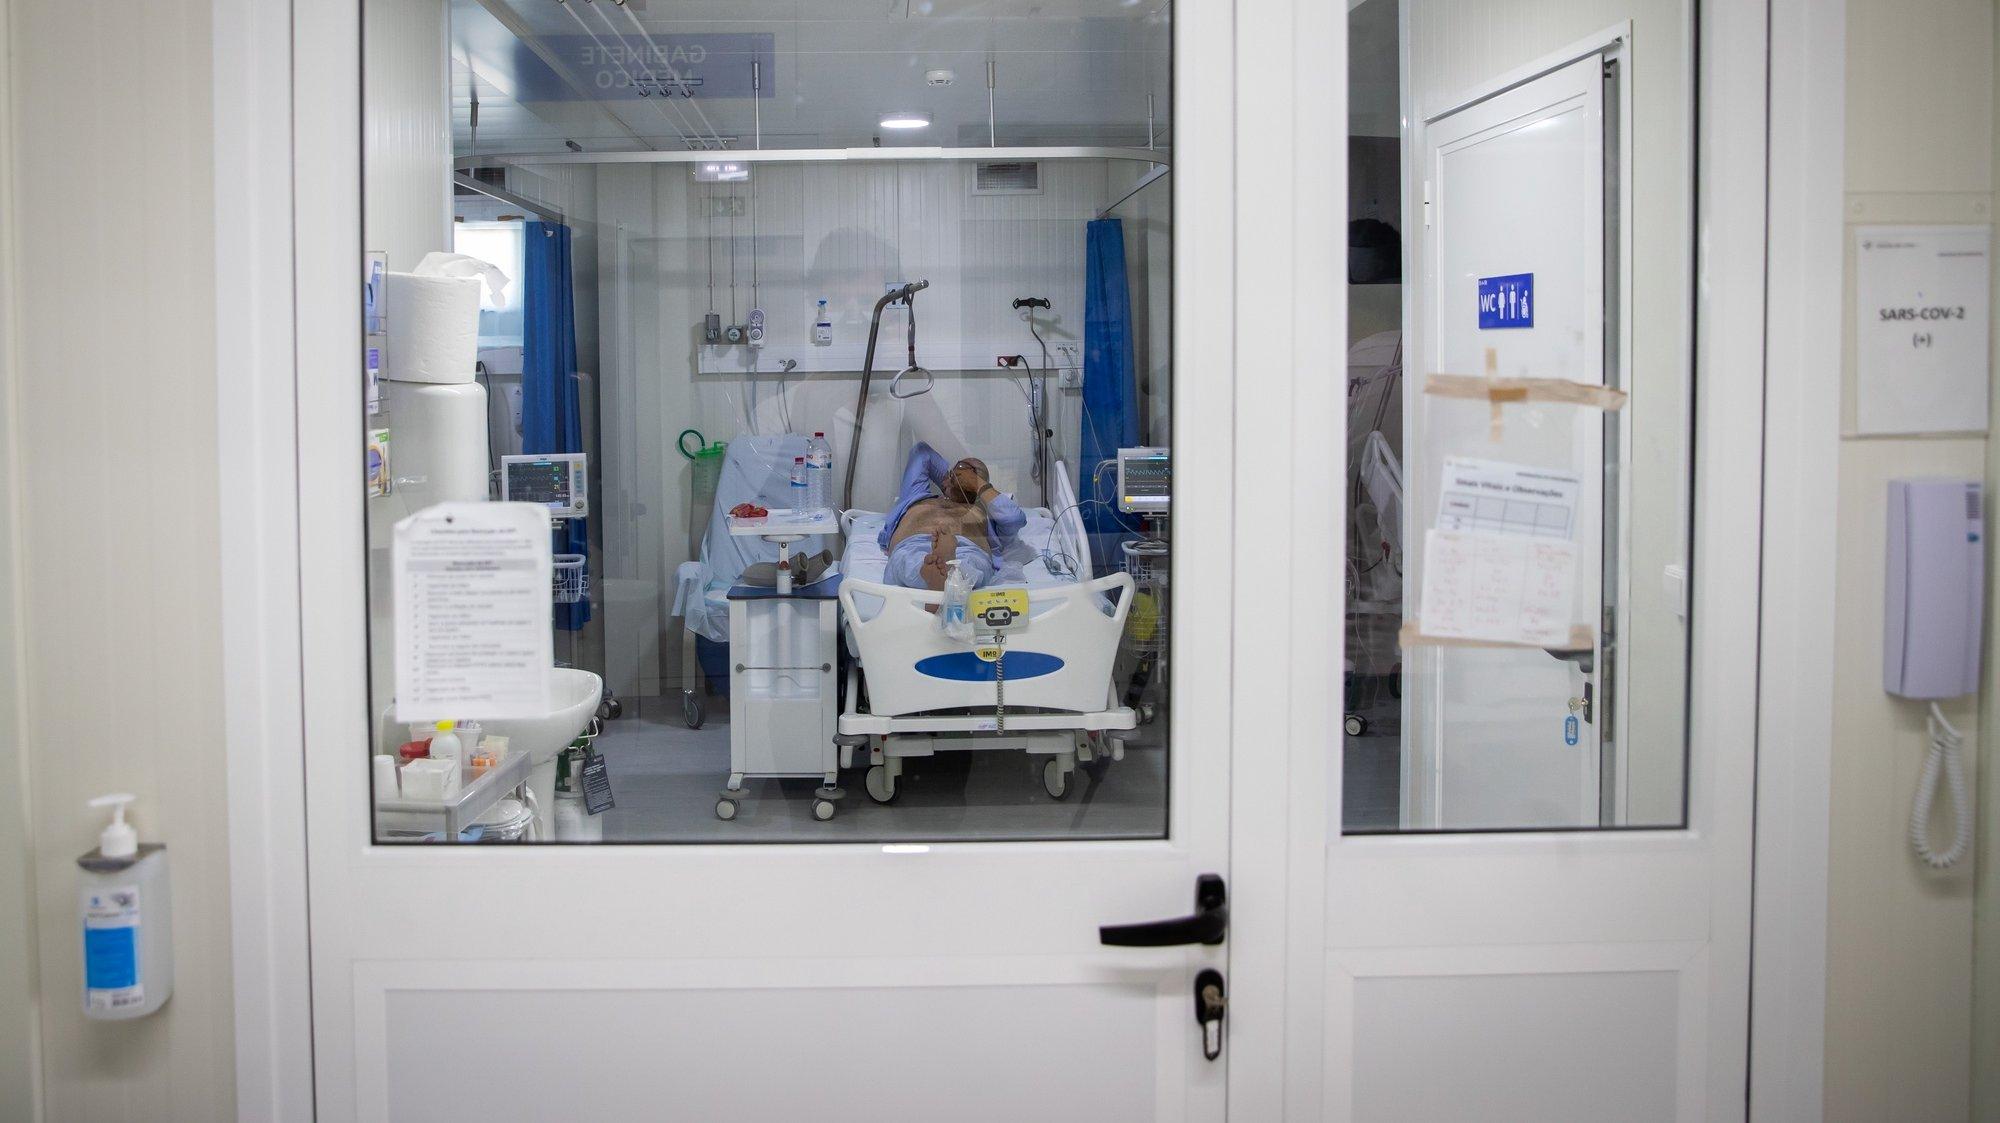 Quarto de pacientes em isolamento devido à Covid19-, na Enfermaria de isolamento do Hospital Garcia de Orta, em Almada, 21 de julho de 2021. JOSÉ SENA GOULÃO/LUSA (ACOMPANHA TEXTO DE 24/07/2021)